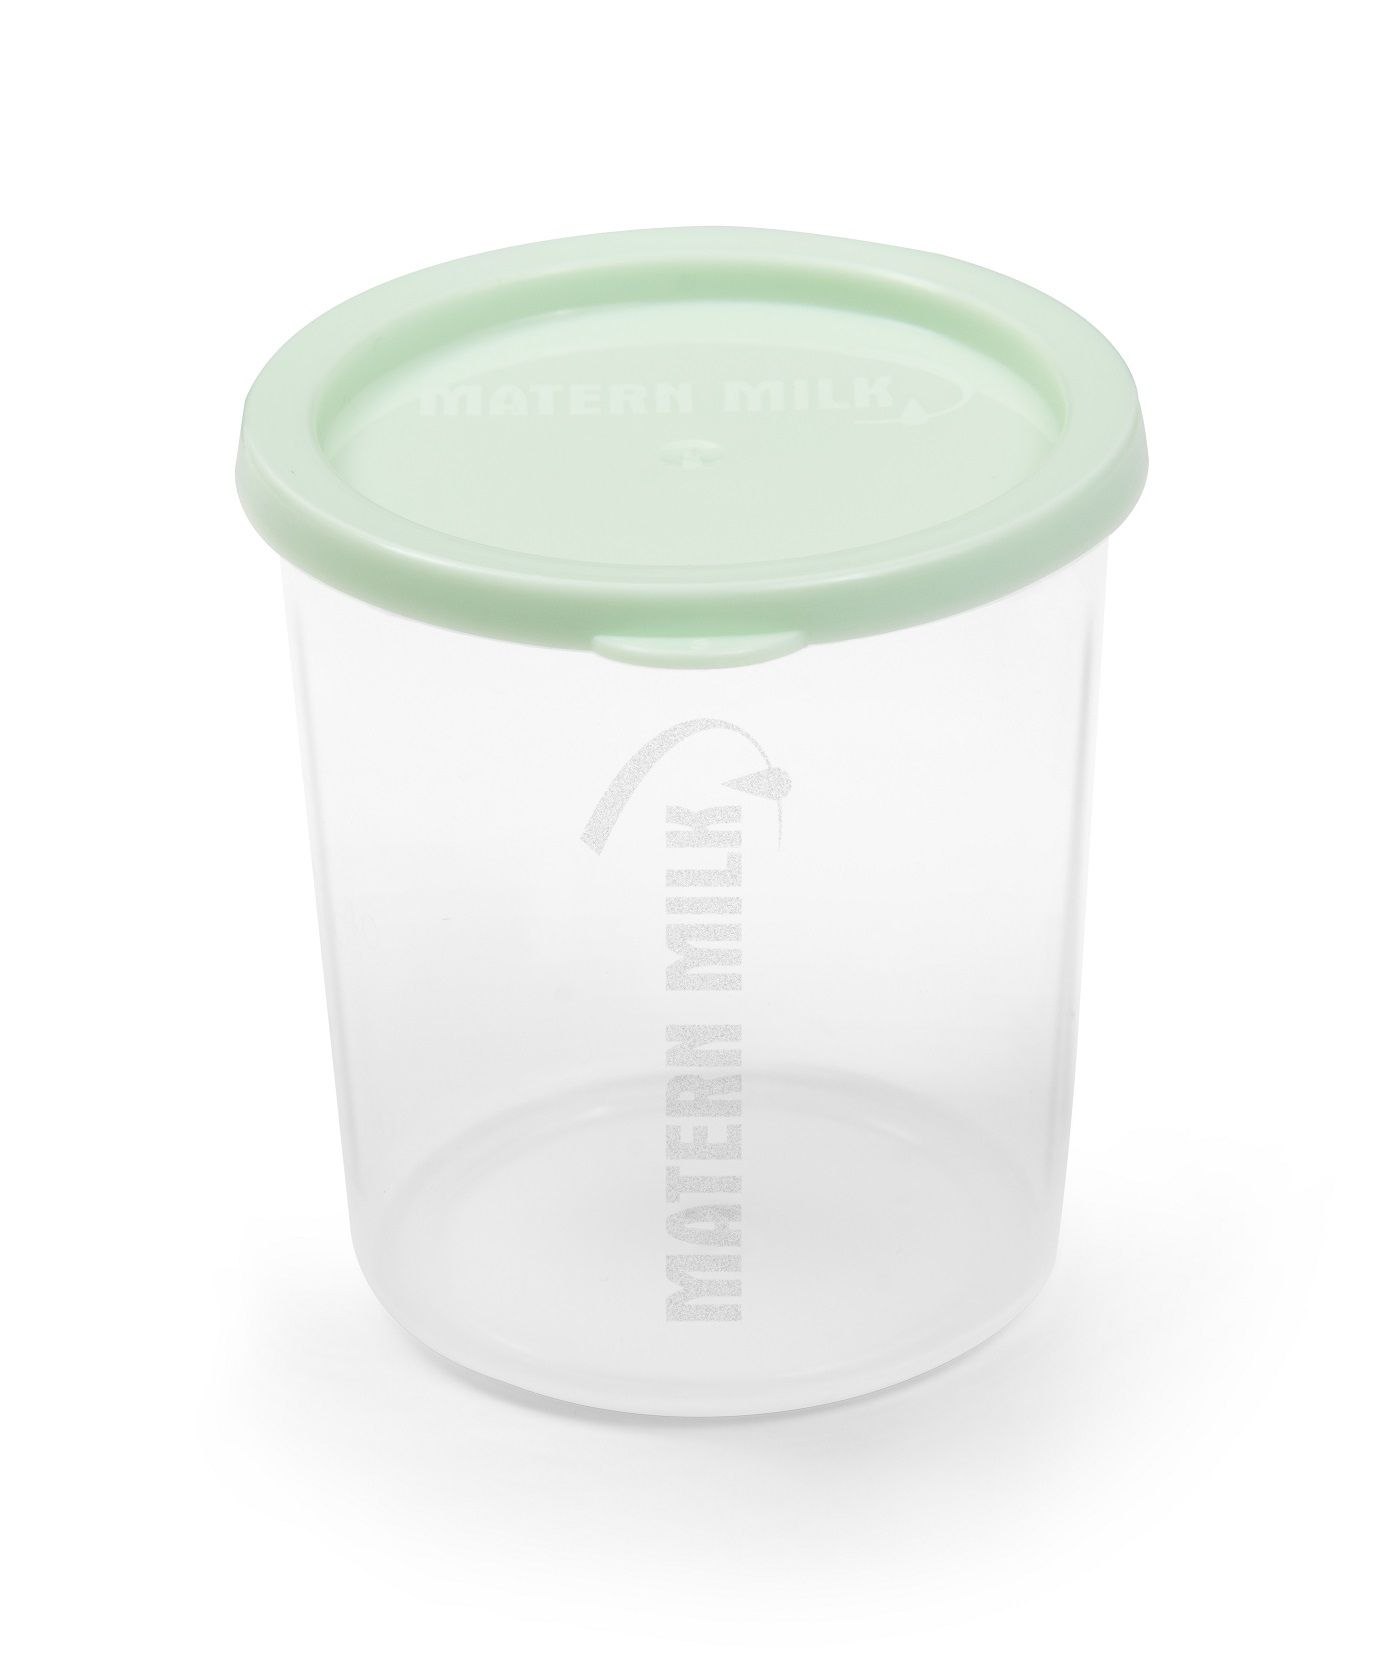 Copo de Aleitamento Materno Verde, 60 ml, (kit com 100 unid. a granel). polipropileno atóxico,graduação de 10 em 10 ml  Matern Milk.